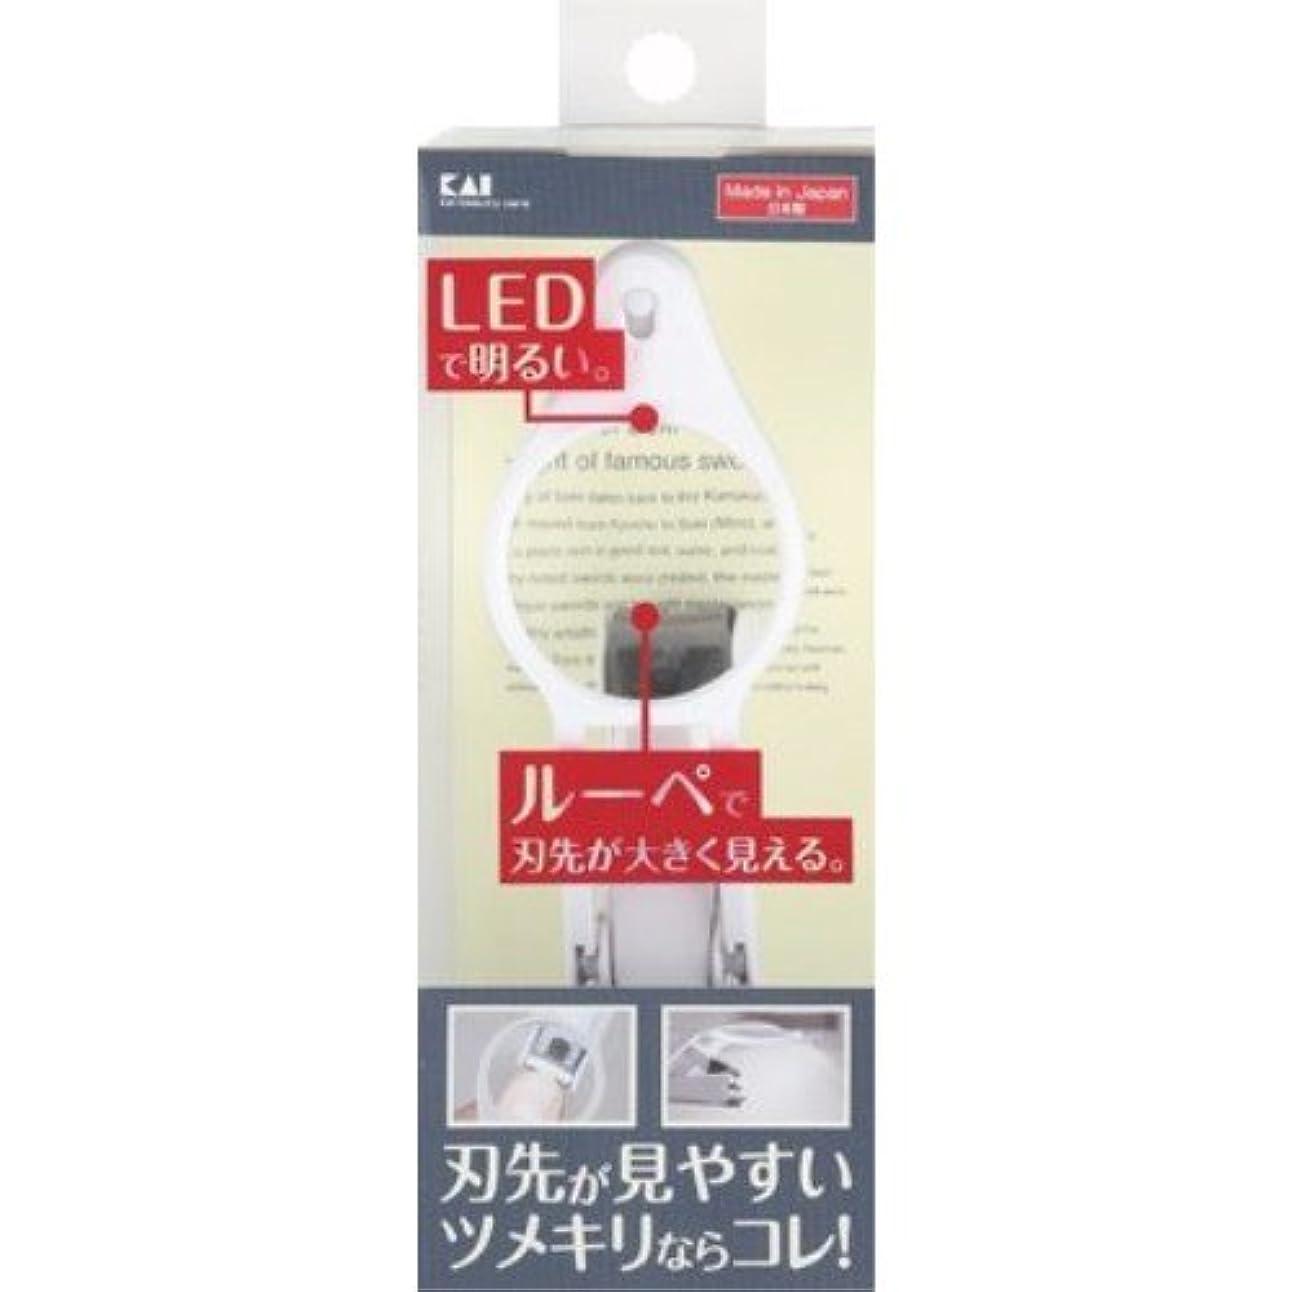 小間人形ファンド貝印 LEDルーペ付きツメキリ KQ0334